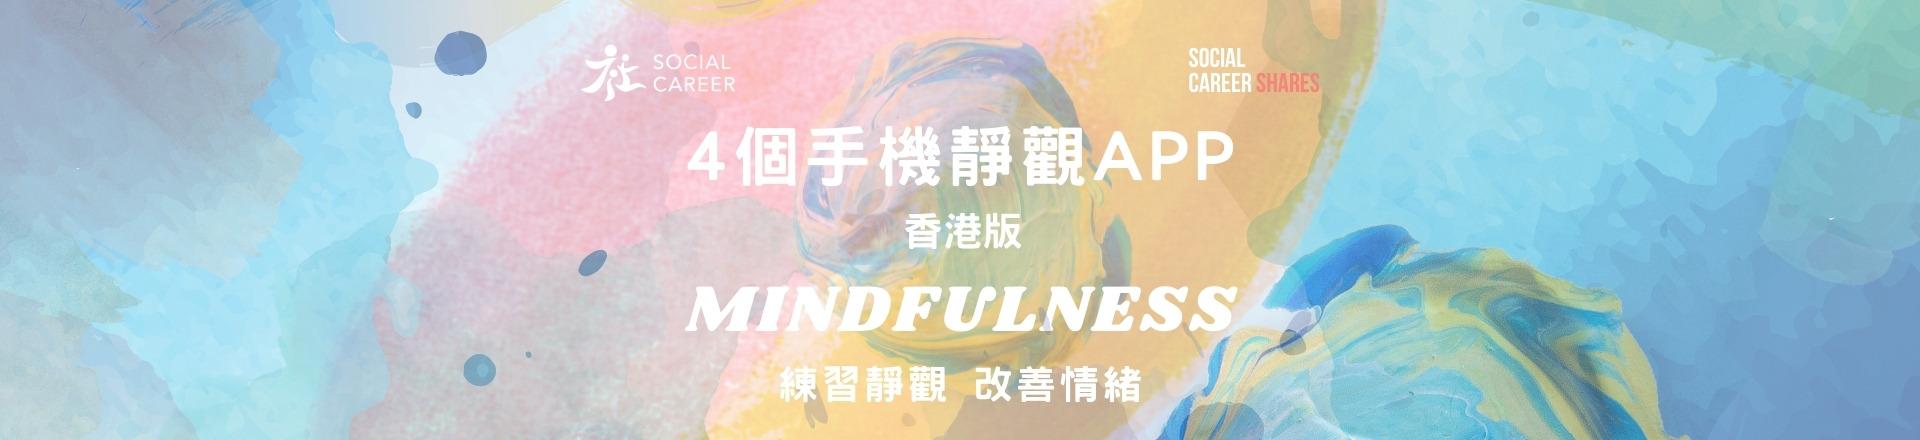 推介香港手機靜觀正念APP MINDFULNESS 冥想